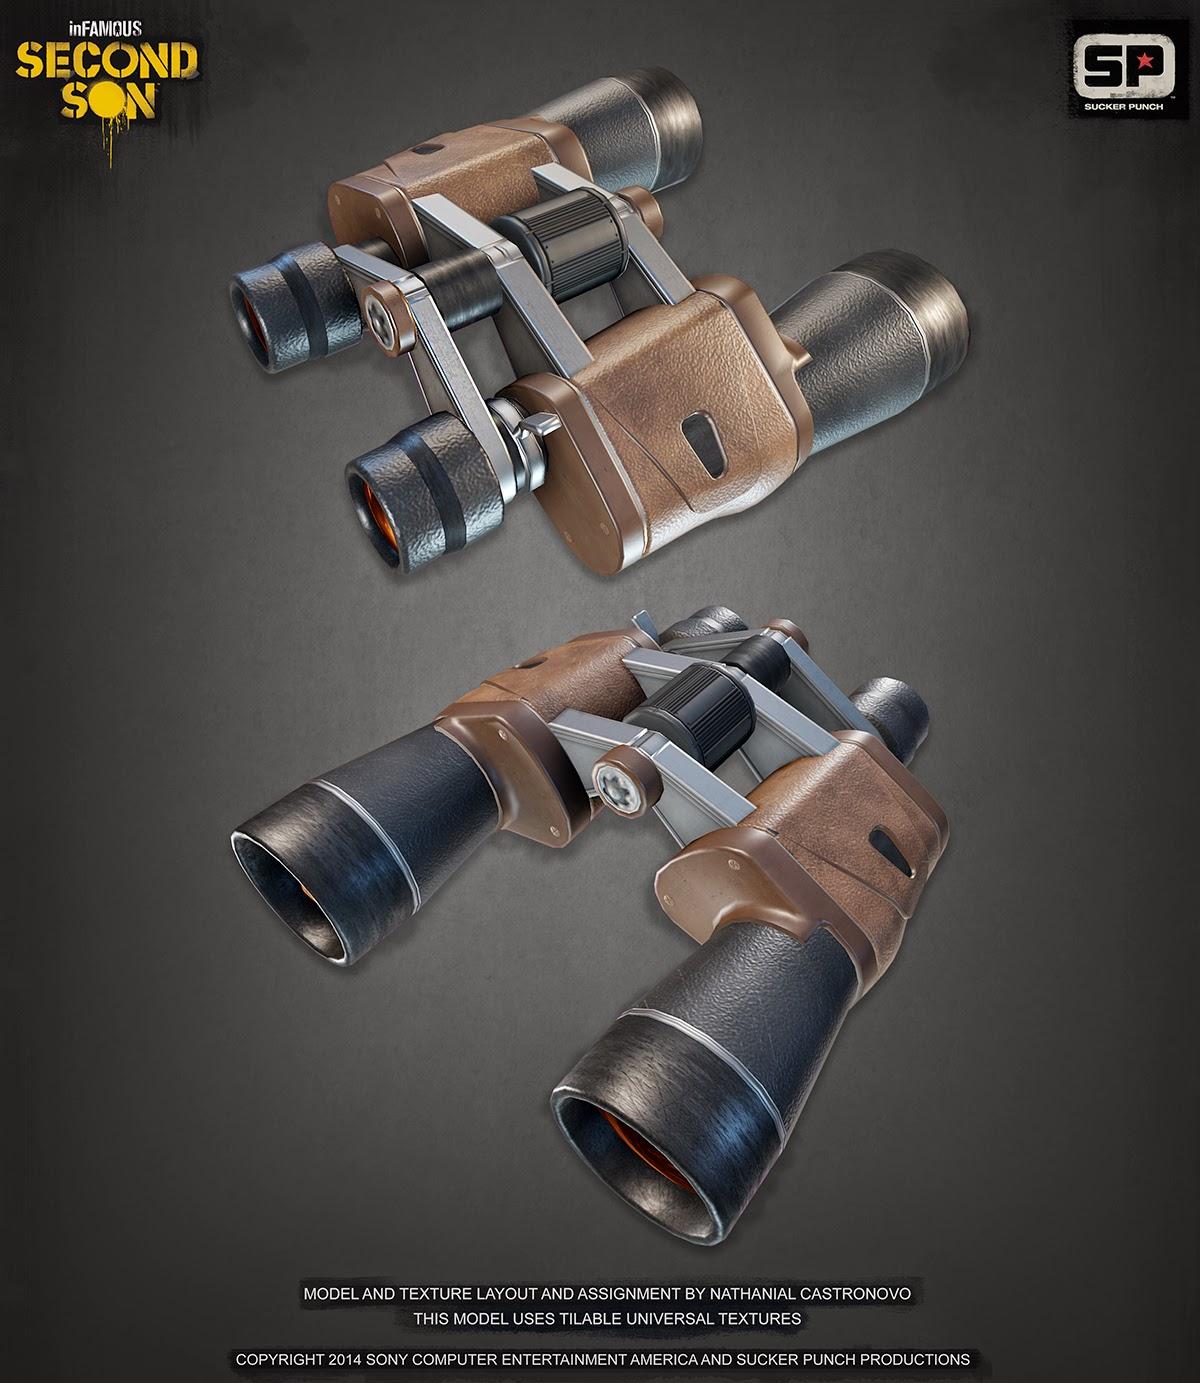 binoculars_001.jpg